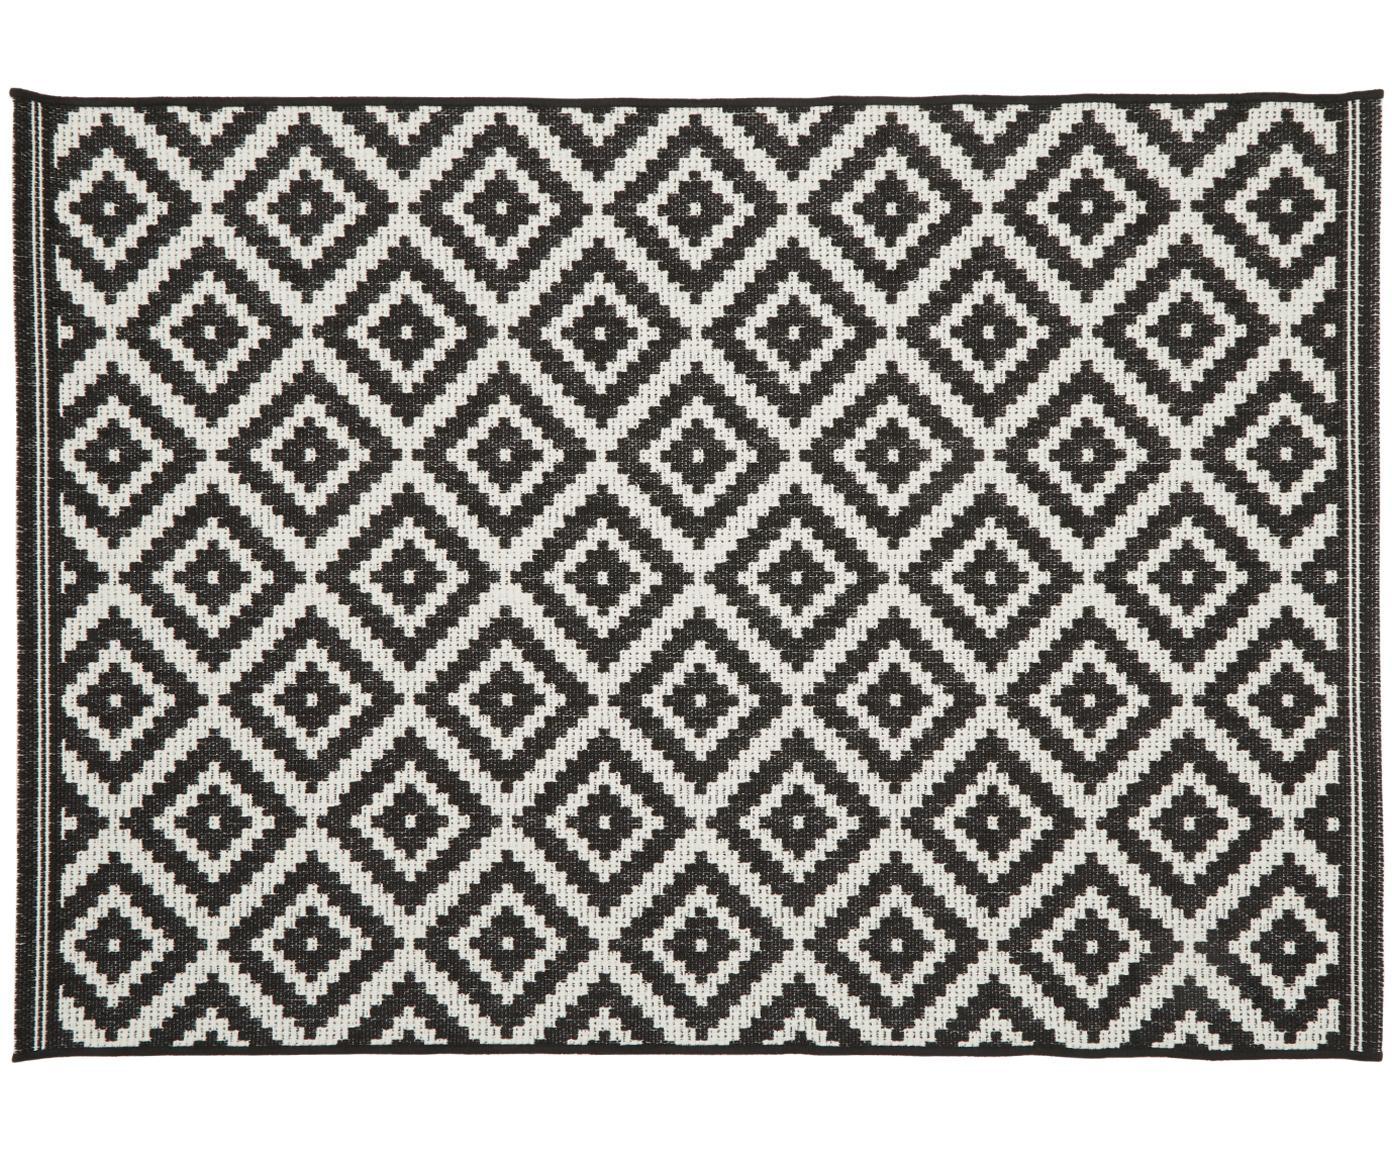 Dywan wewnętrzny/zewnętrzny Miami, Kremowobiały, czarny, S 200 x D 290 cm (Rozmiar L)